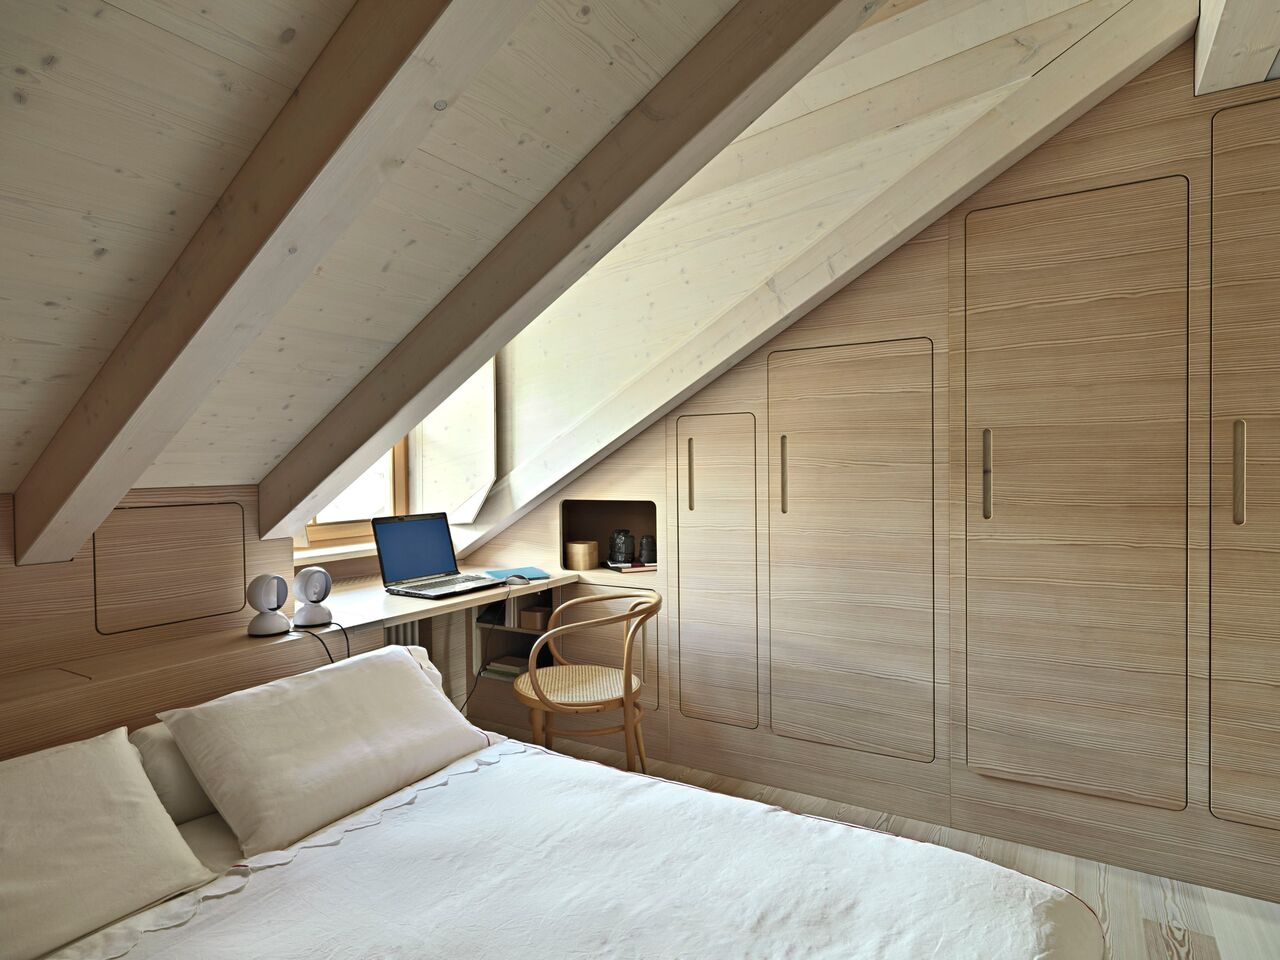 Egyedi bútorokkal használhatod ki a tetőtéri szobát - Magdi blogja ...